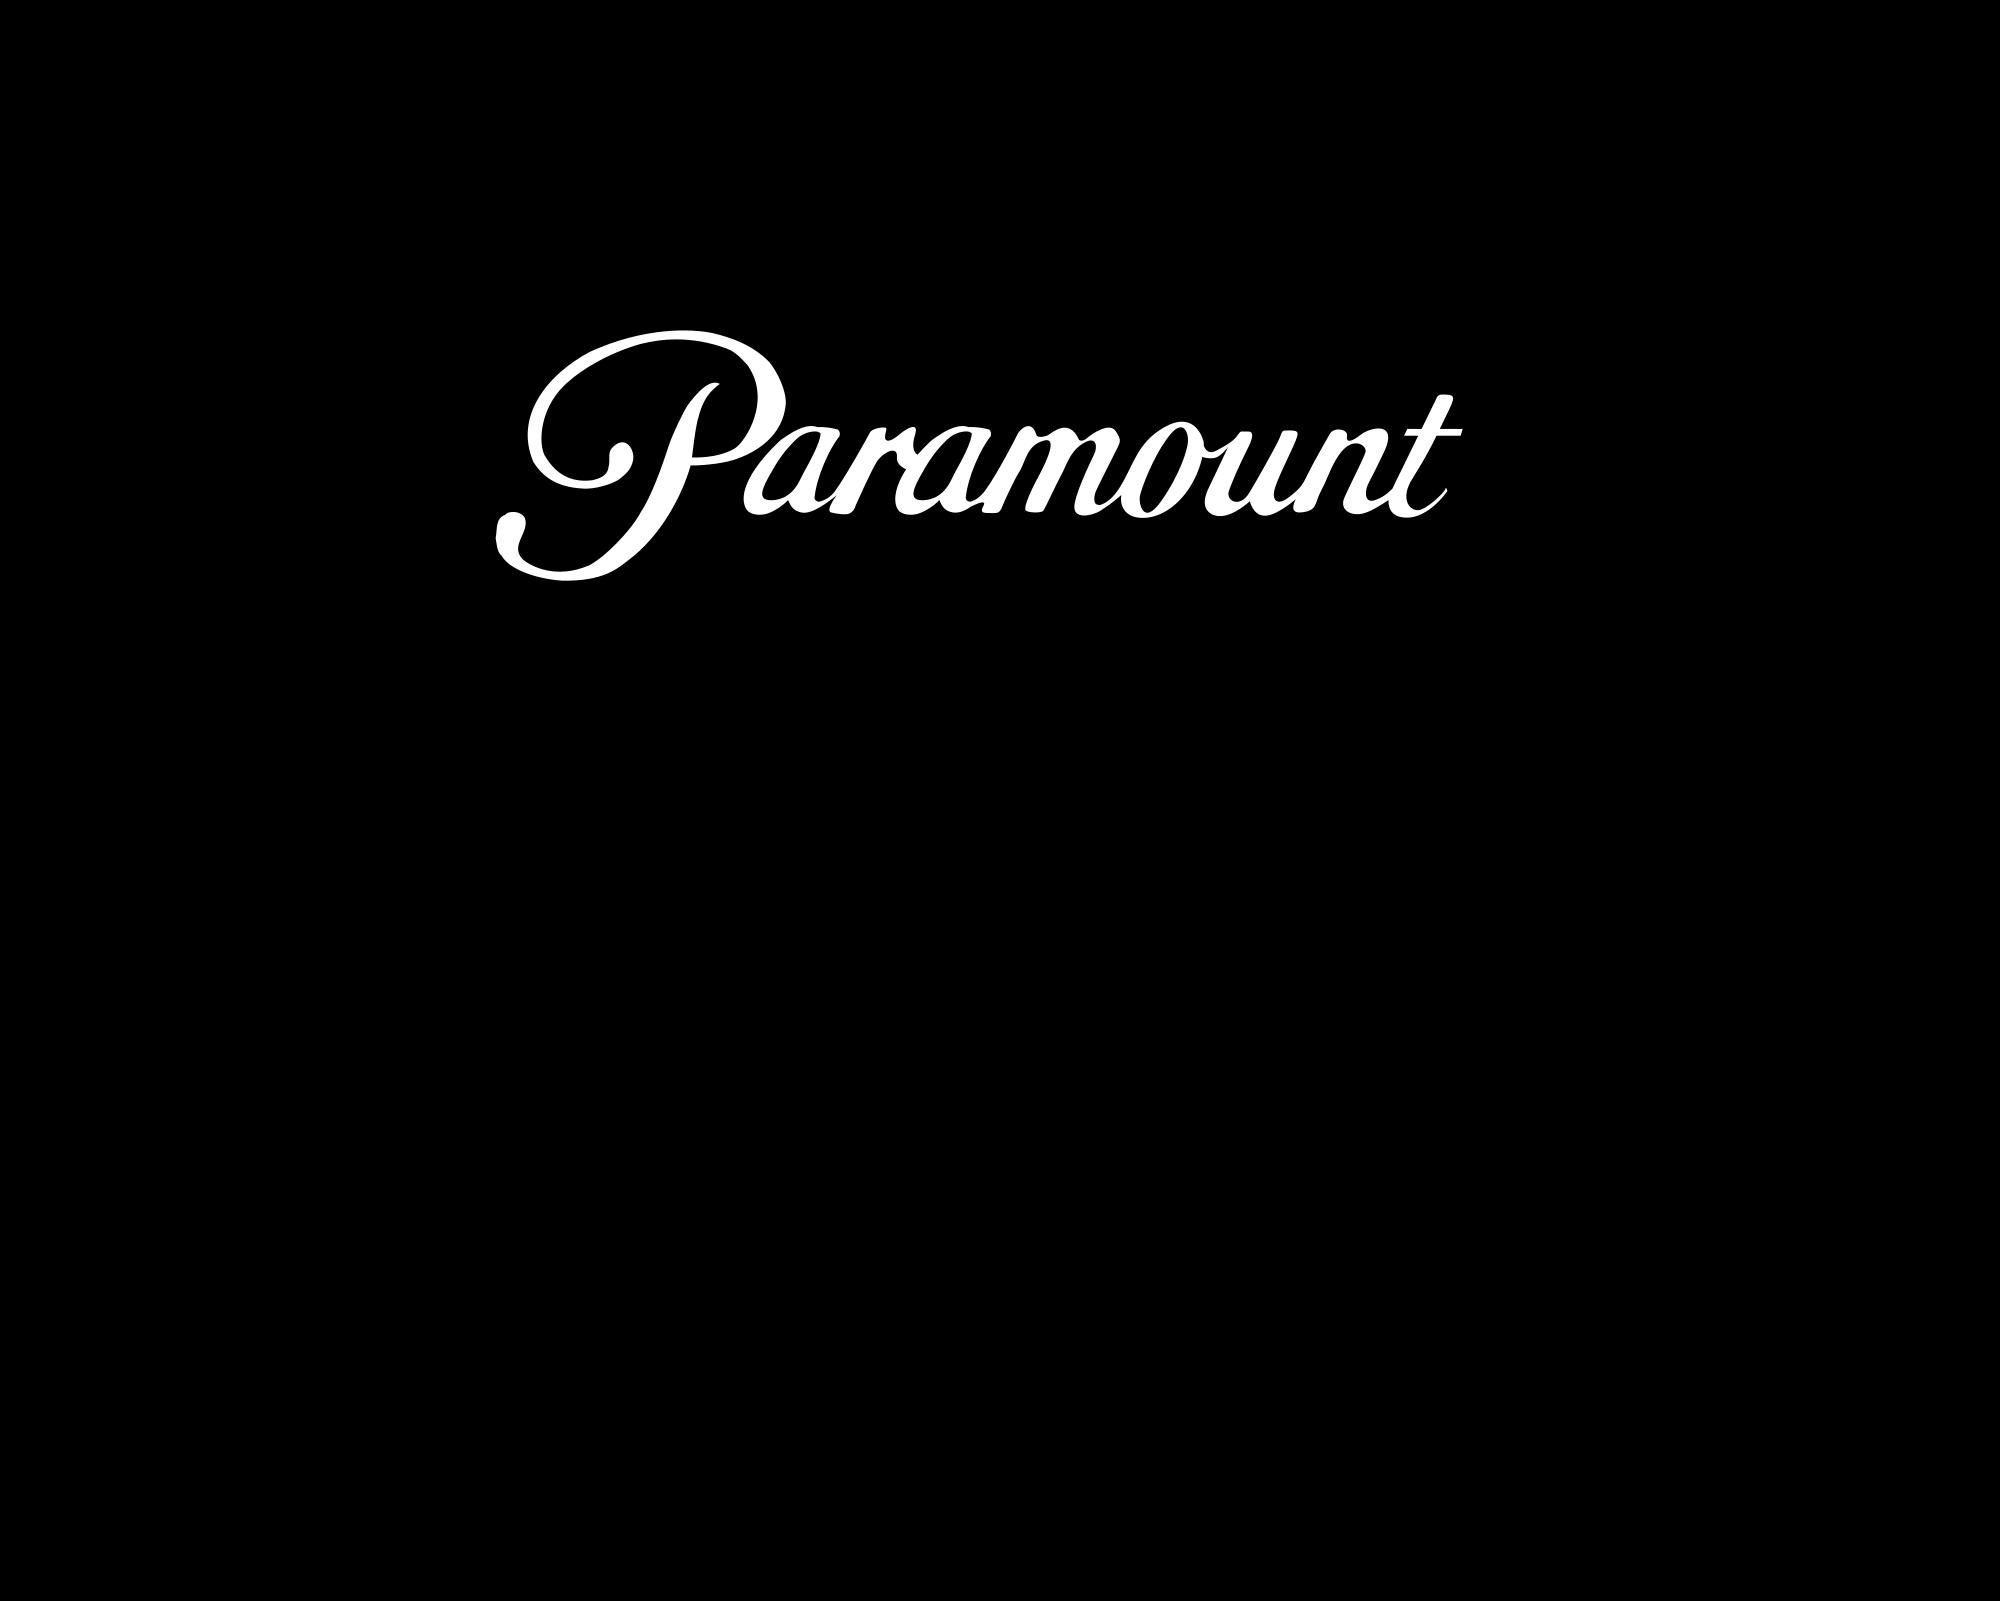 Paramount Logo Cine Buzz